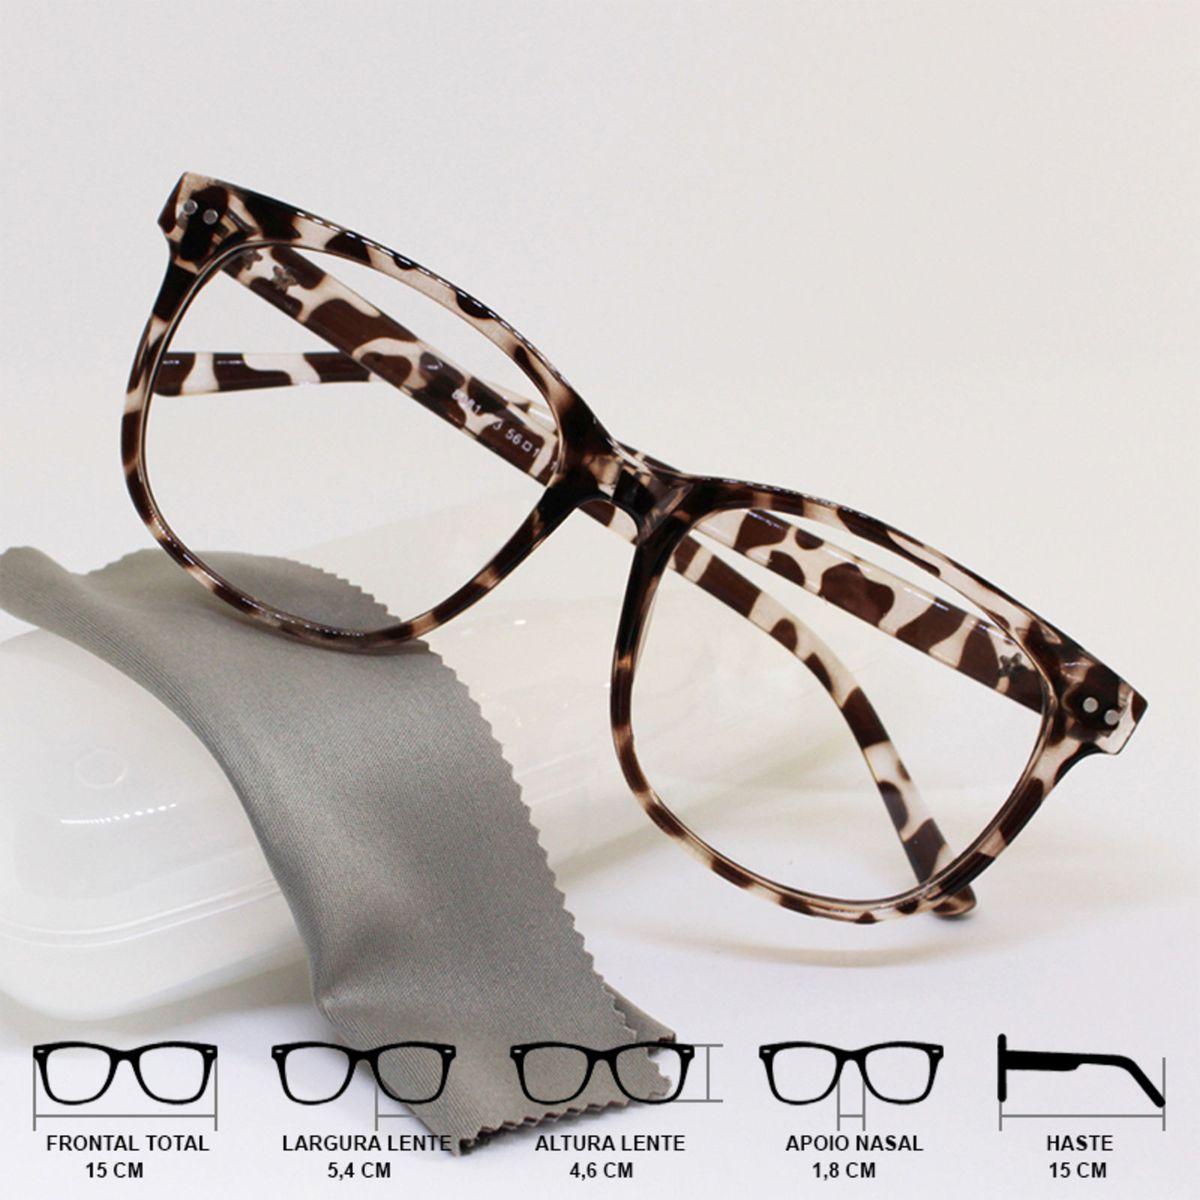 f00c0d4885d9a Armação Óculos para Grau Feminina Quadrada Tartaruga Oncinha Leopardo